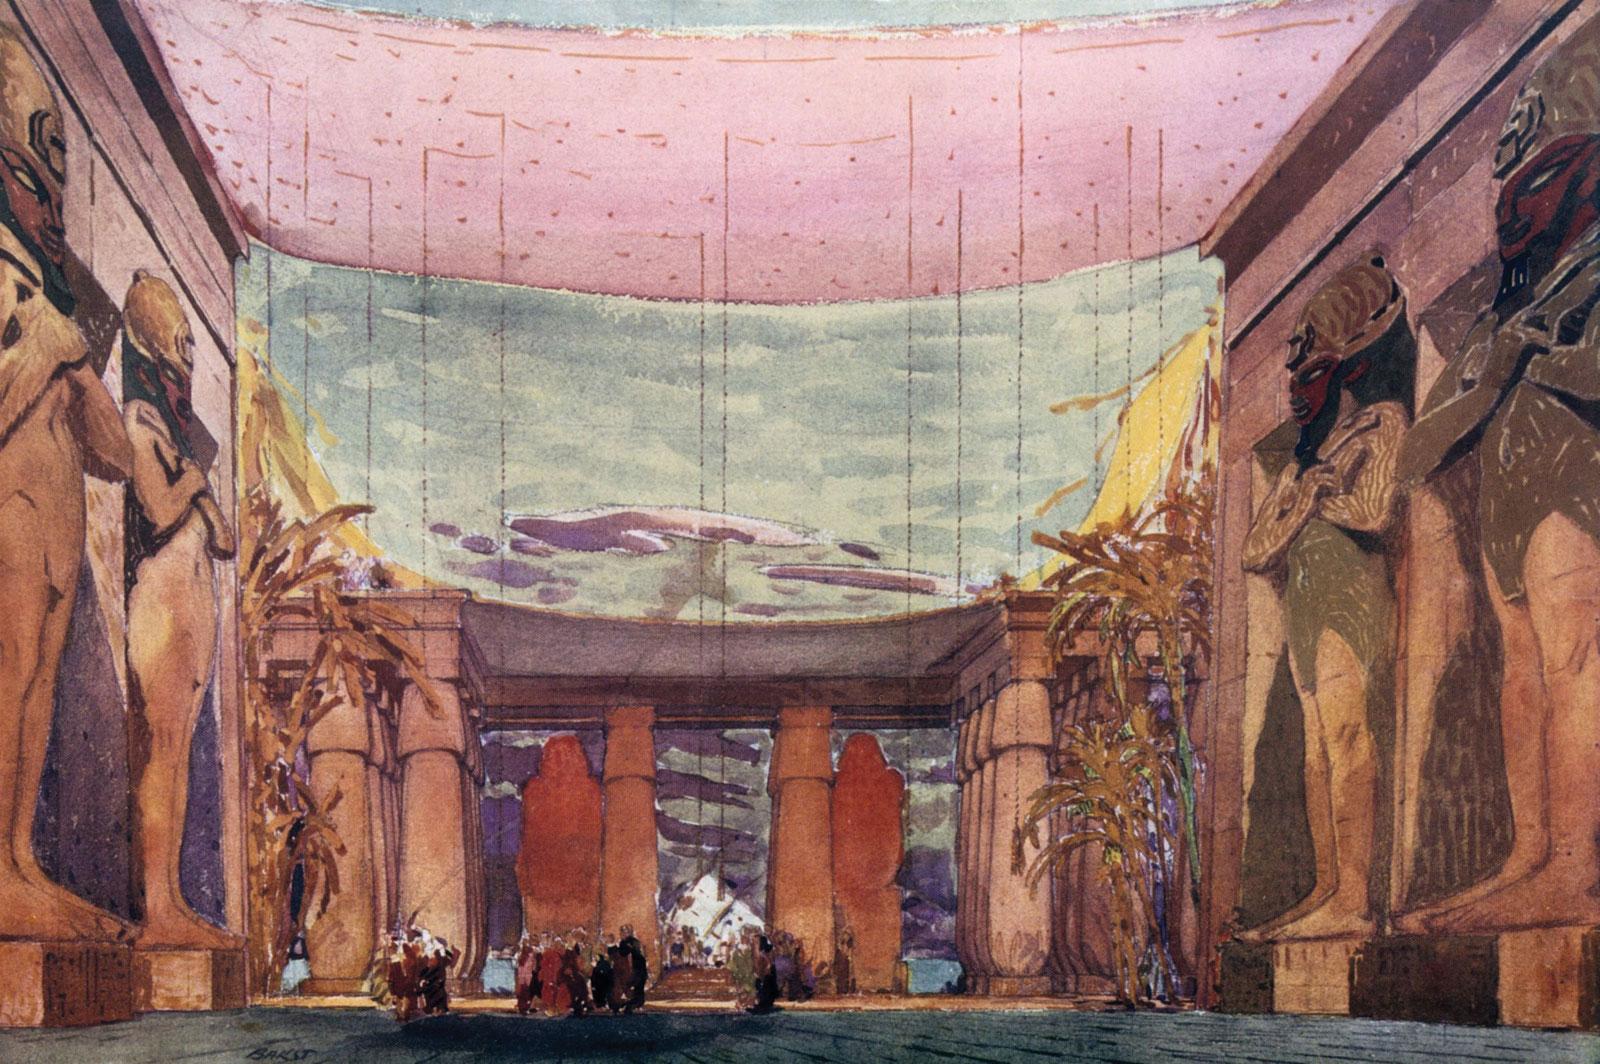 Léon Bakst's set design for the Ballet Russes which inspired Art Deco colors   Image source: Britannica.com